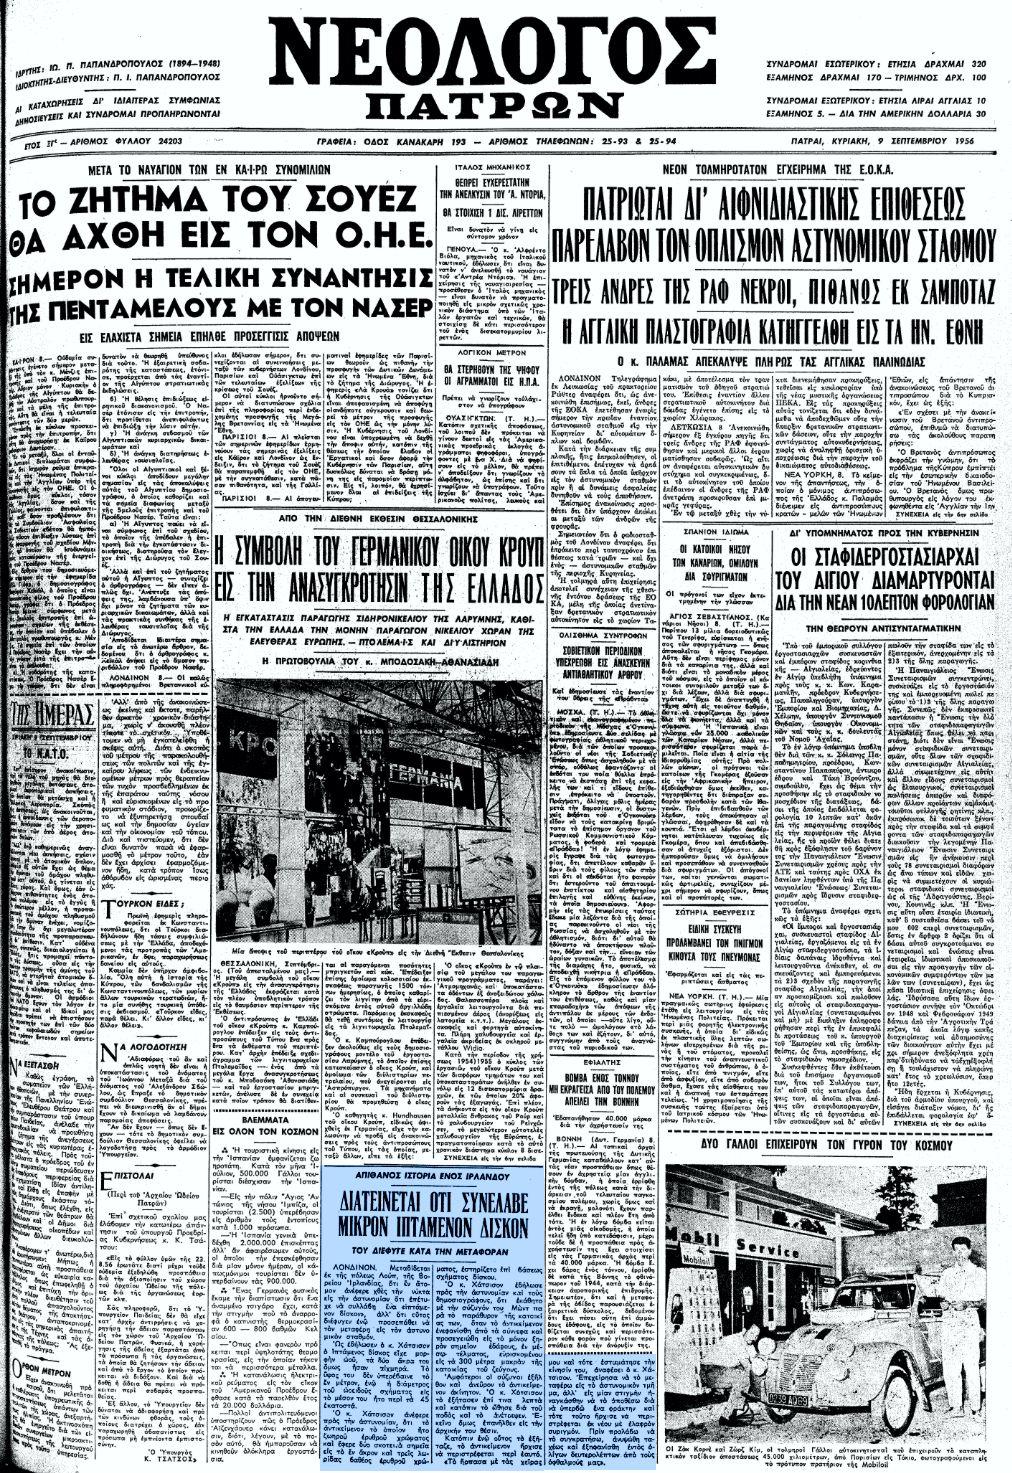 """Το άρθρο, όπως δημοσιεύθηκε στην εφημερίδα """"ΝΕΟΛΟΓΟΣ ΠΑΤΡΩΝ"""", στις 09/09/1956"""